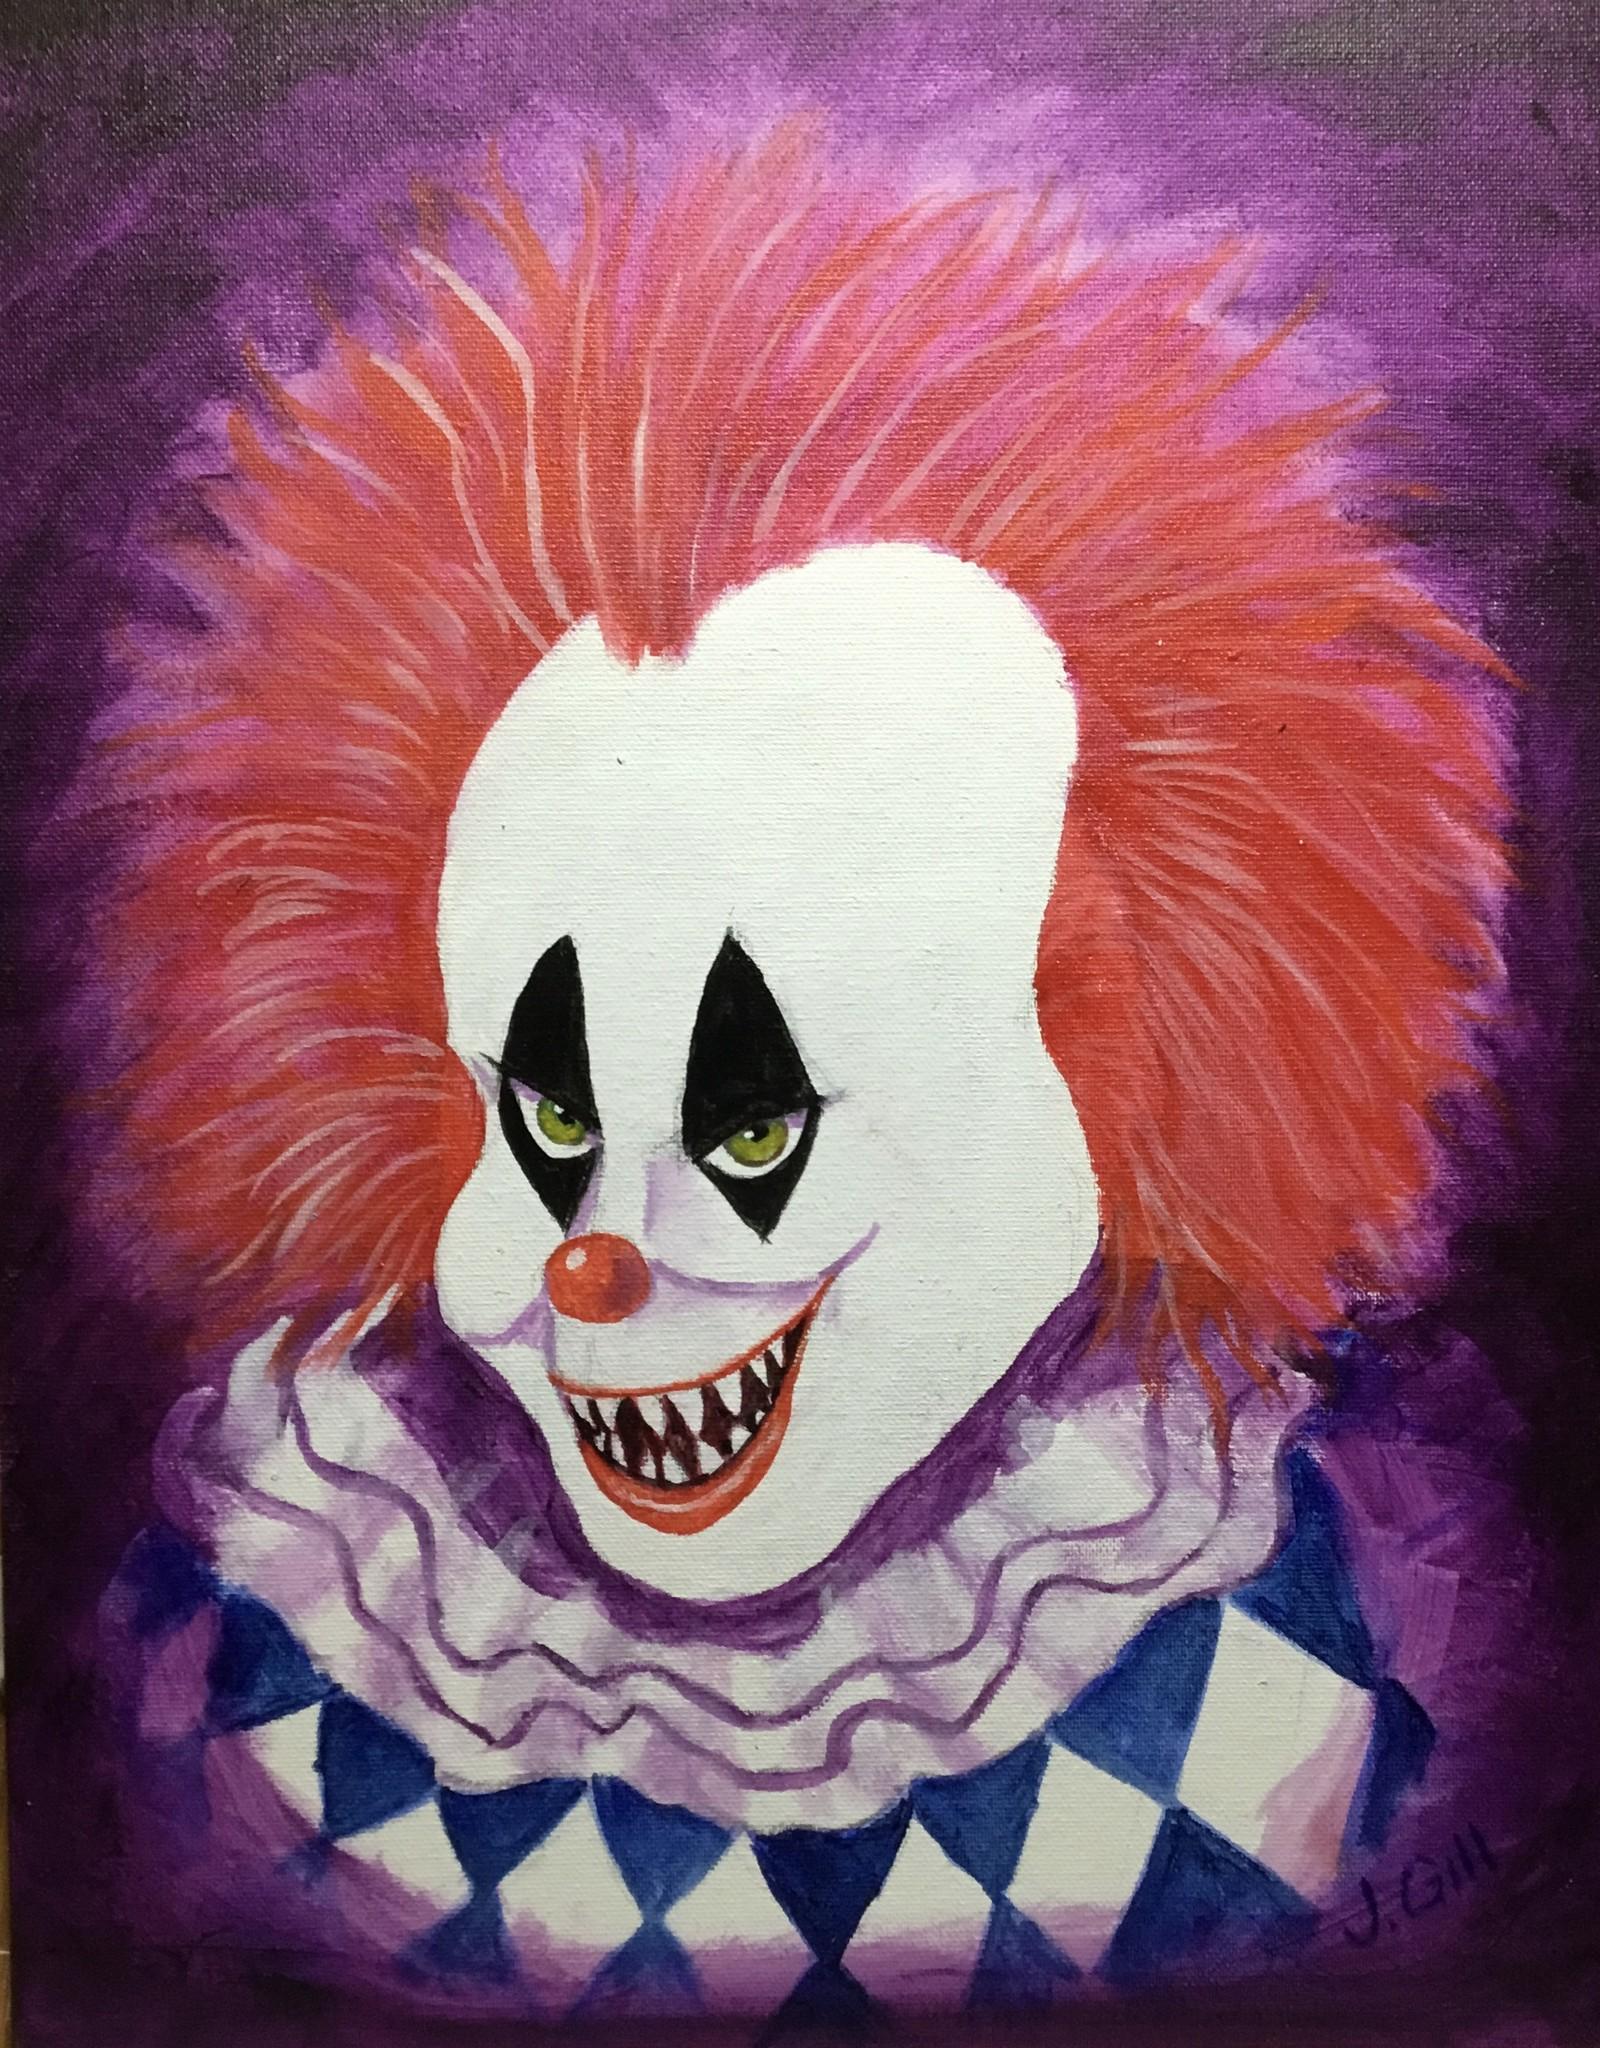 Jim G Acrylic Art Class Halloween Clown Thur Oct 28 6:00 to 8:00  pm